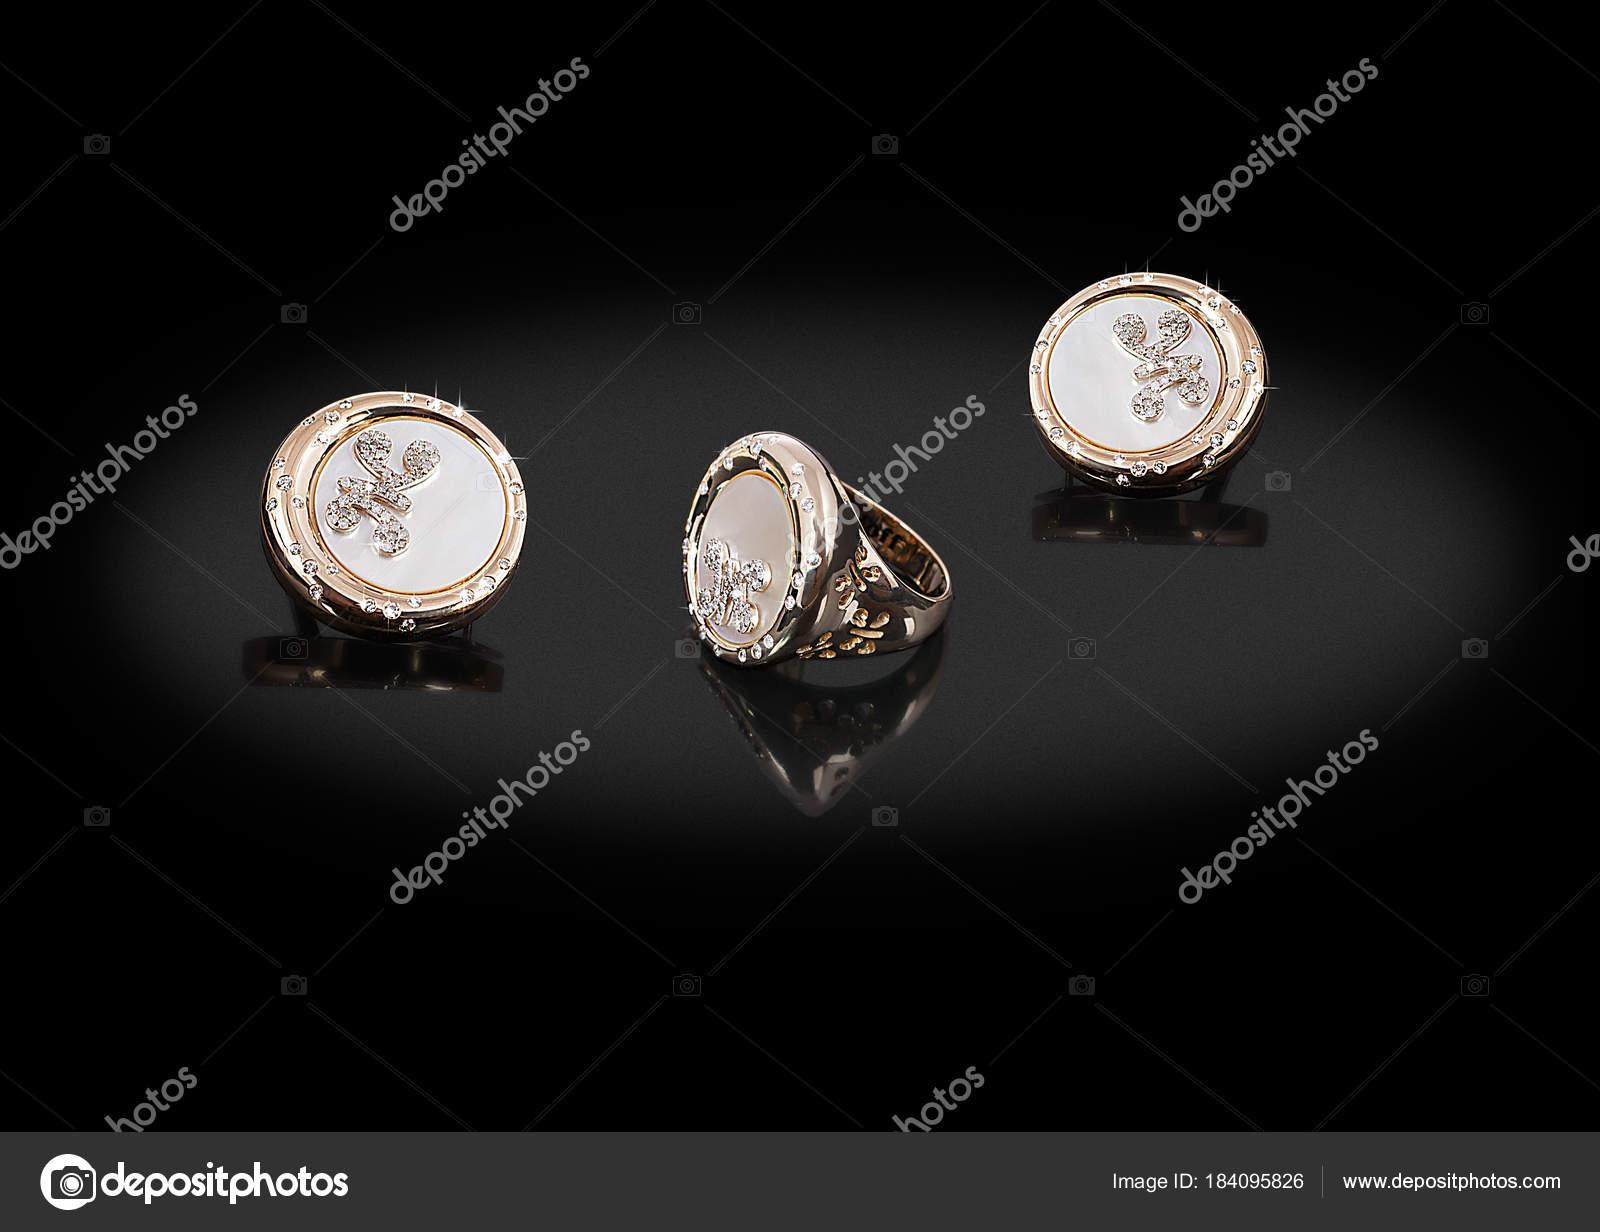 01192b7e2ea9 Anillo redondo oro pendientes preciosos con nácar de diamantes y mariposa  sobre fondo negro– imagen de stock